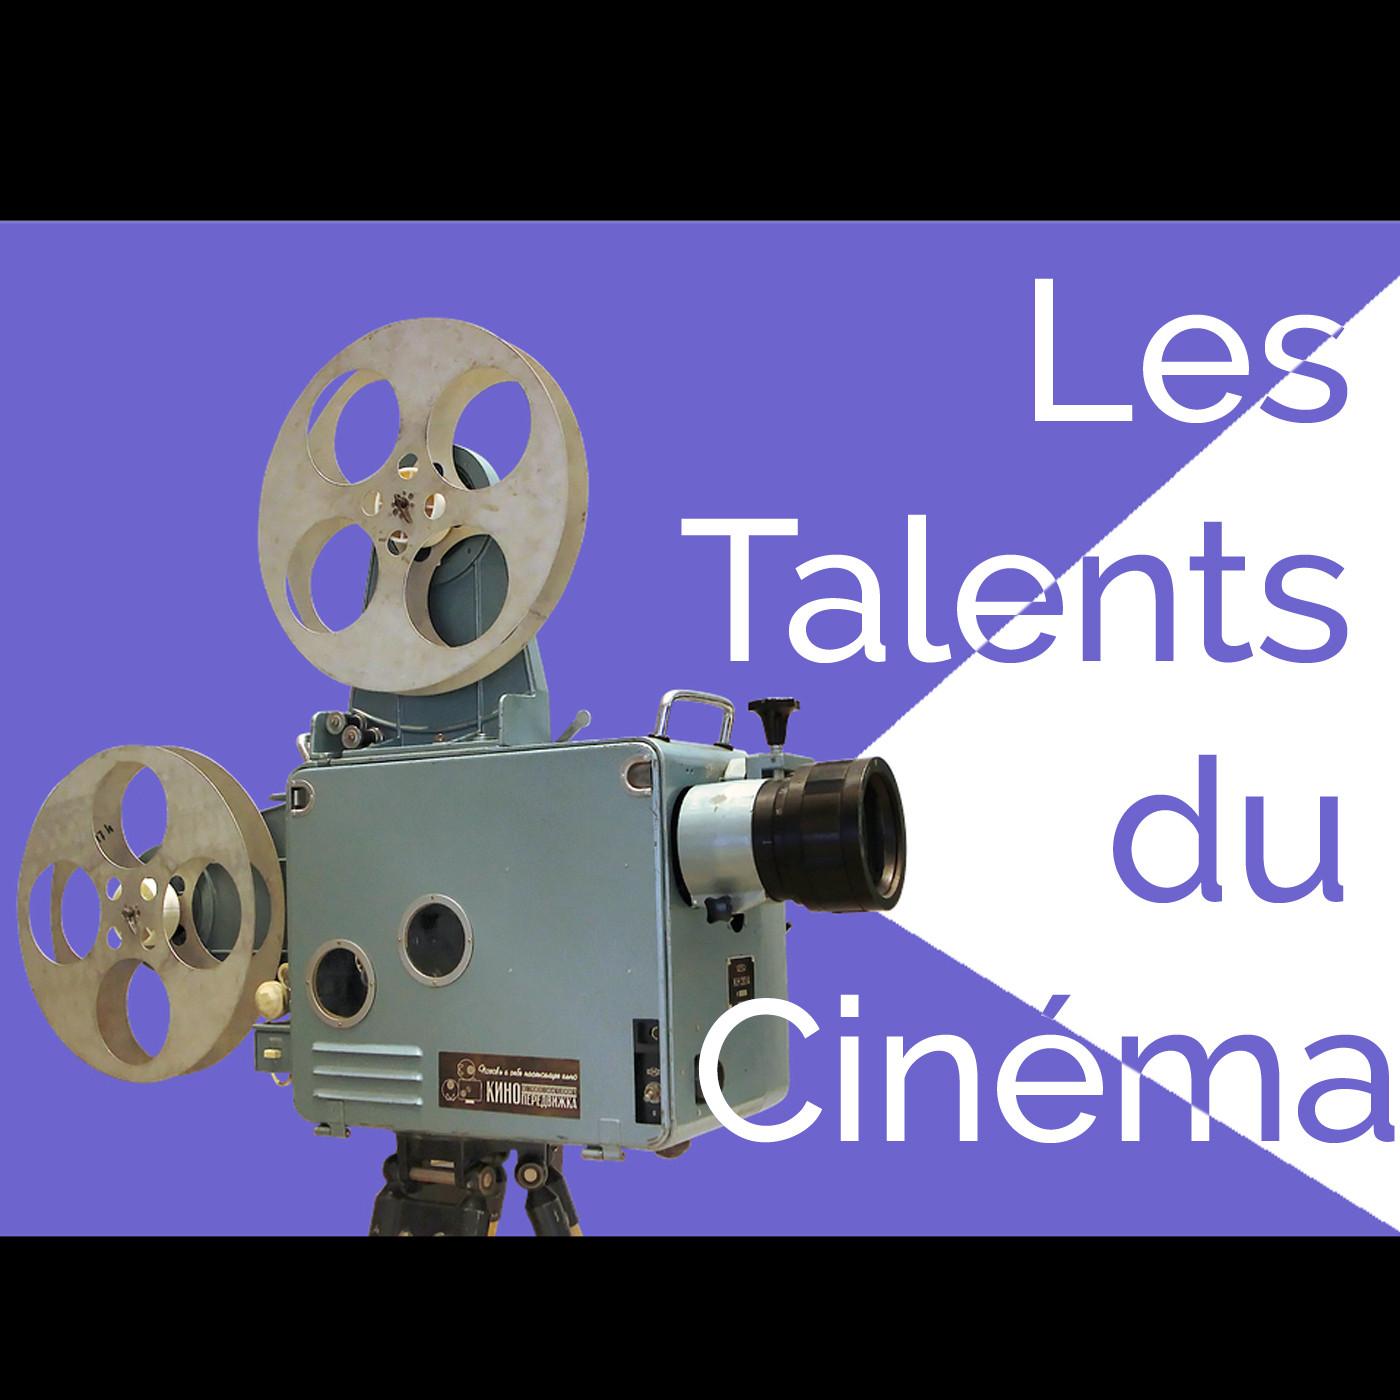 Les Talents du Cinéma - L'autre et moi - 29 novembre 2019